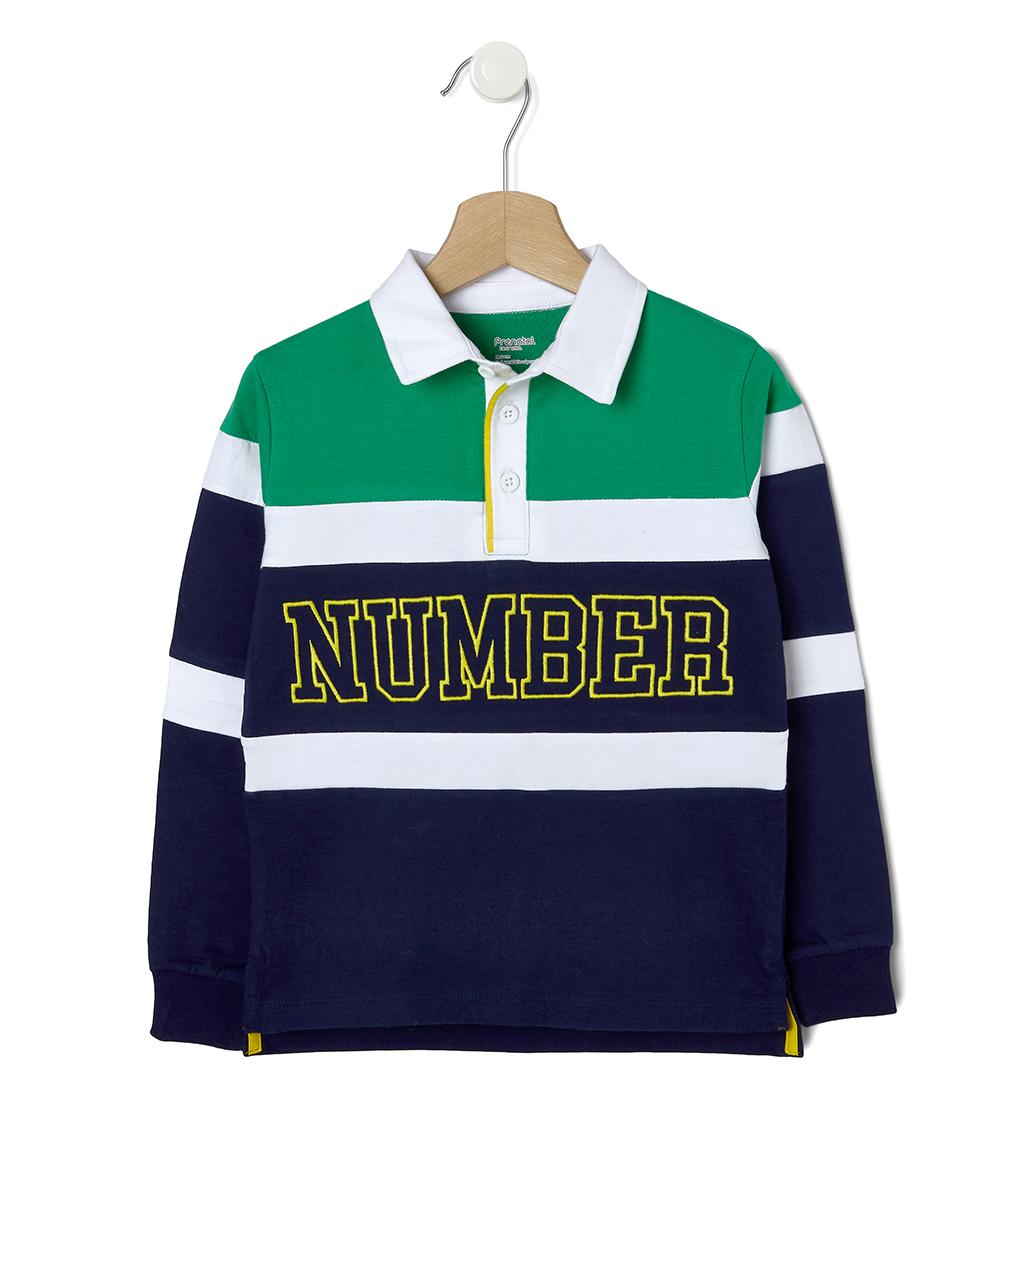 Μπλουζάκι Πόλο Heavy Jersey Μεγ.8-9/9-10 Ετών για Αγόρι